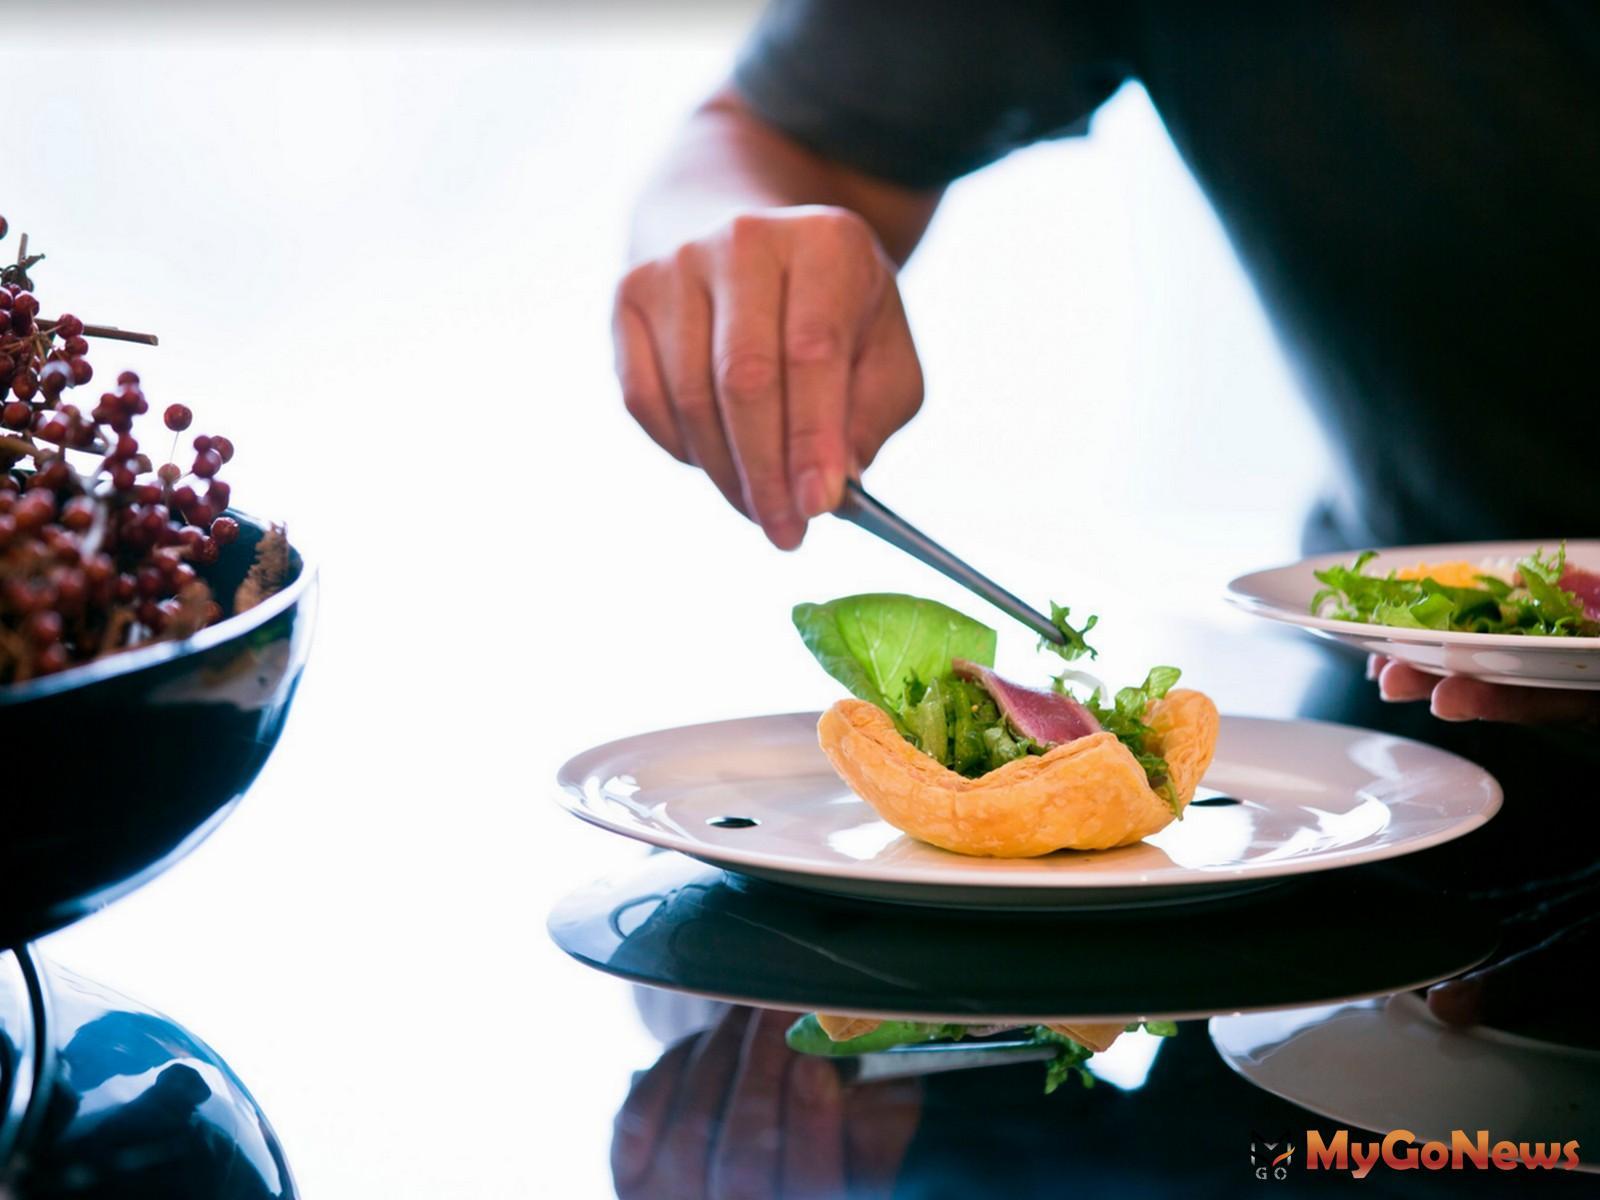 社區的「私廚餐點直送到府」貼心服務,一樣能滿足住戶們挑剔的味蕾(圖/業者提供) MyGoNews房地產新聞 熱銷推案